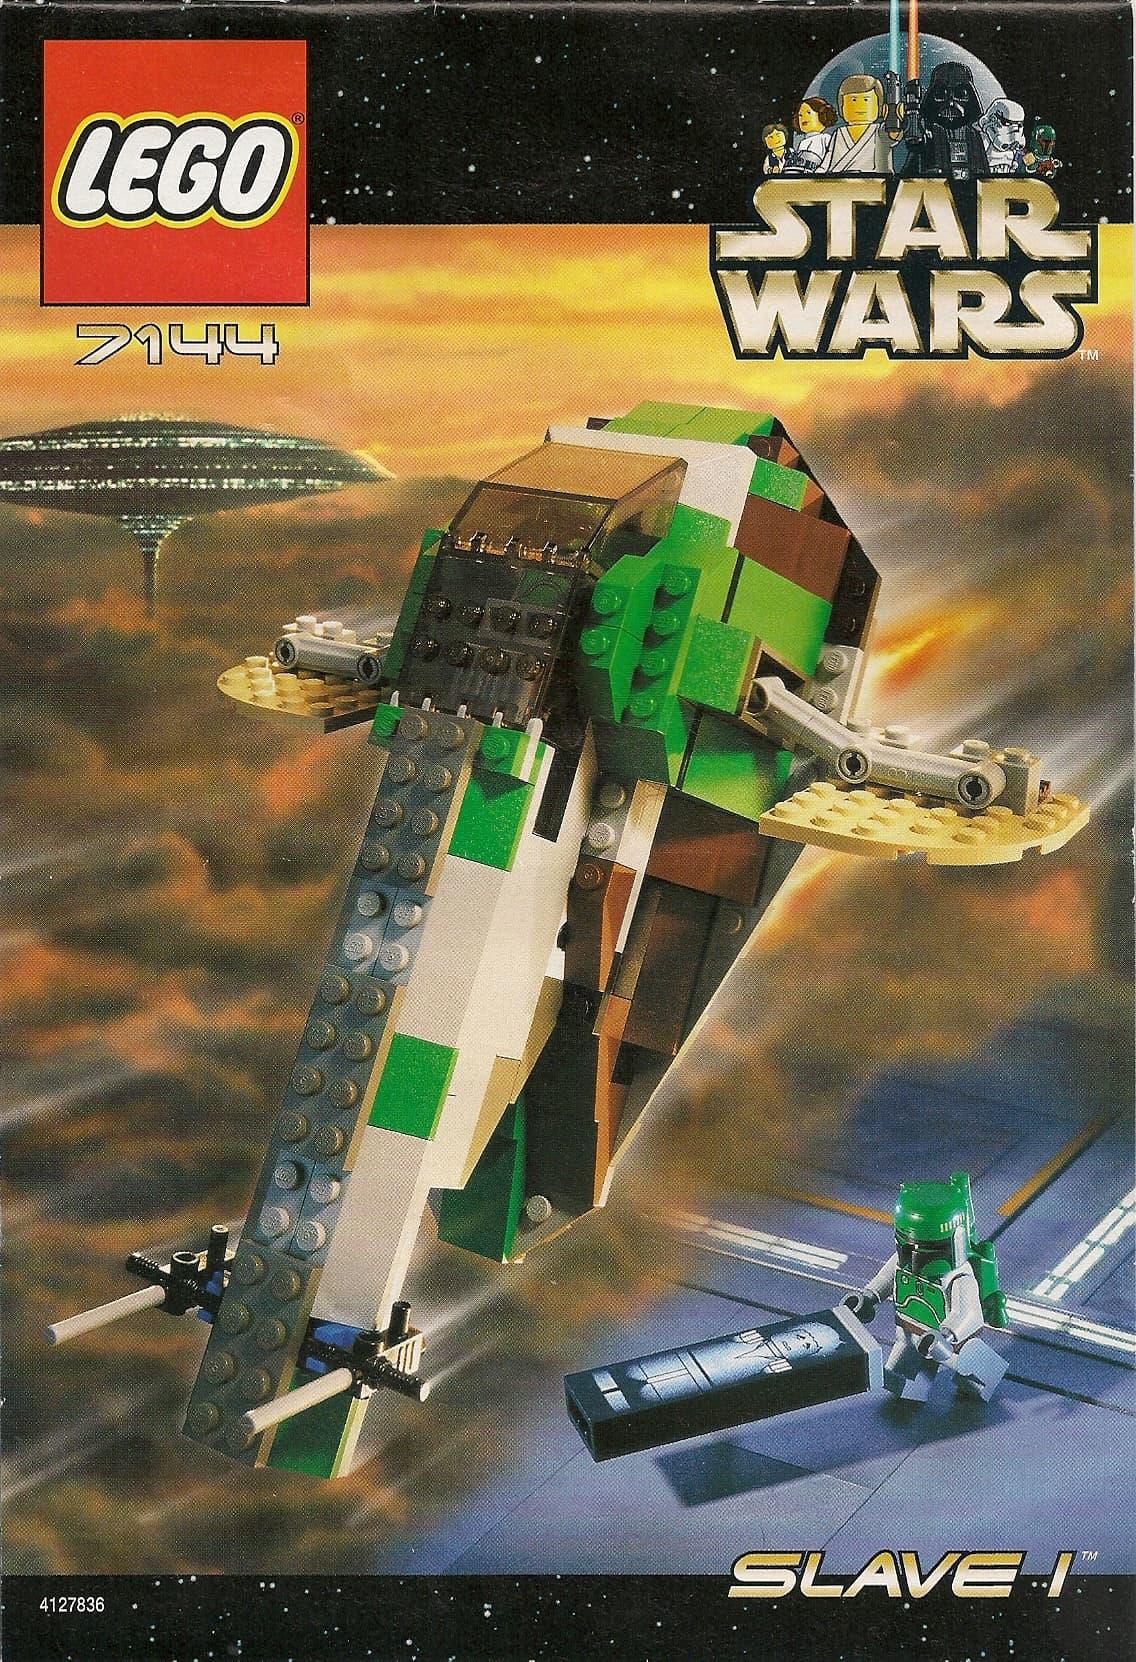 Star Wars Slave 1 (7144) - Boba Fett Collectibles - Boba Fett Fan Club